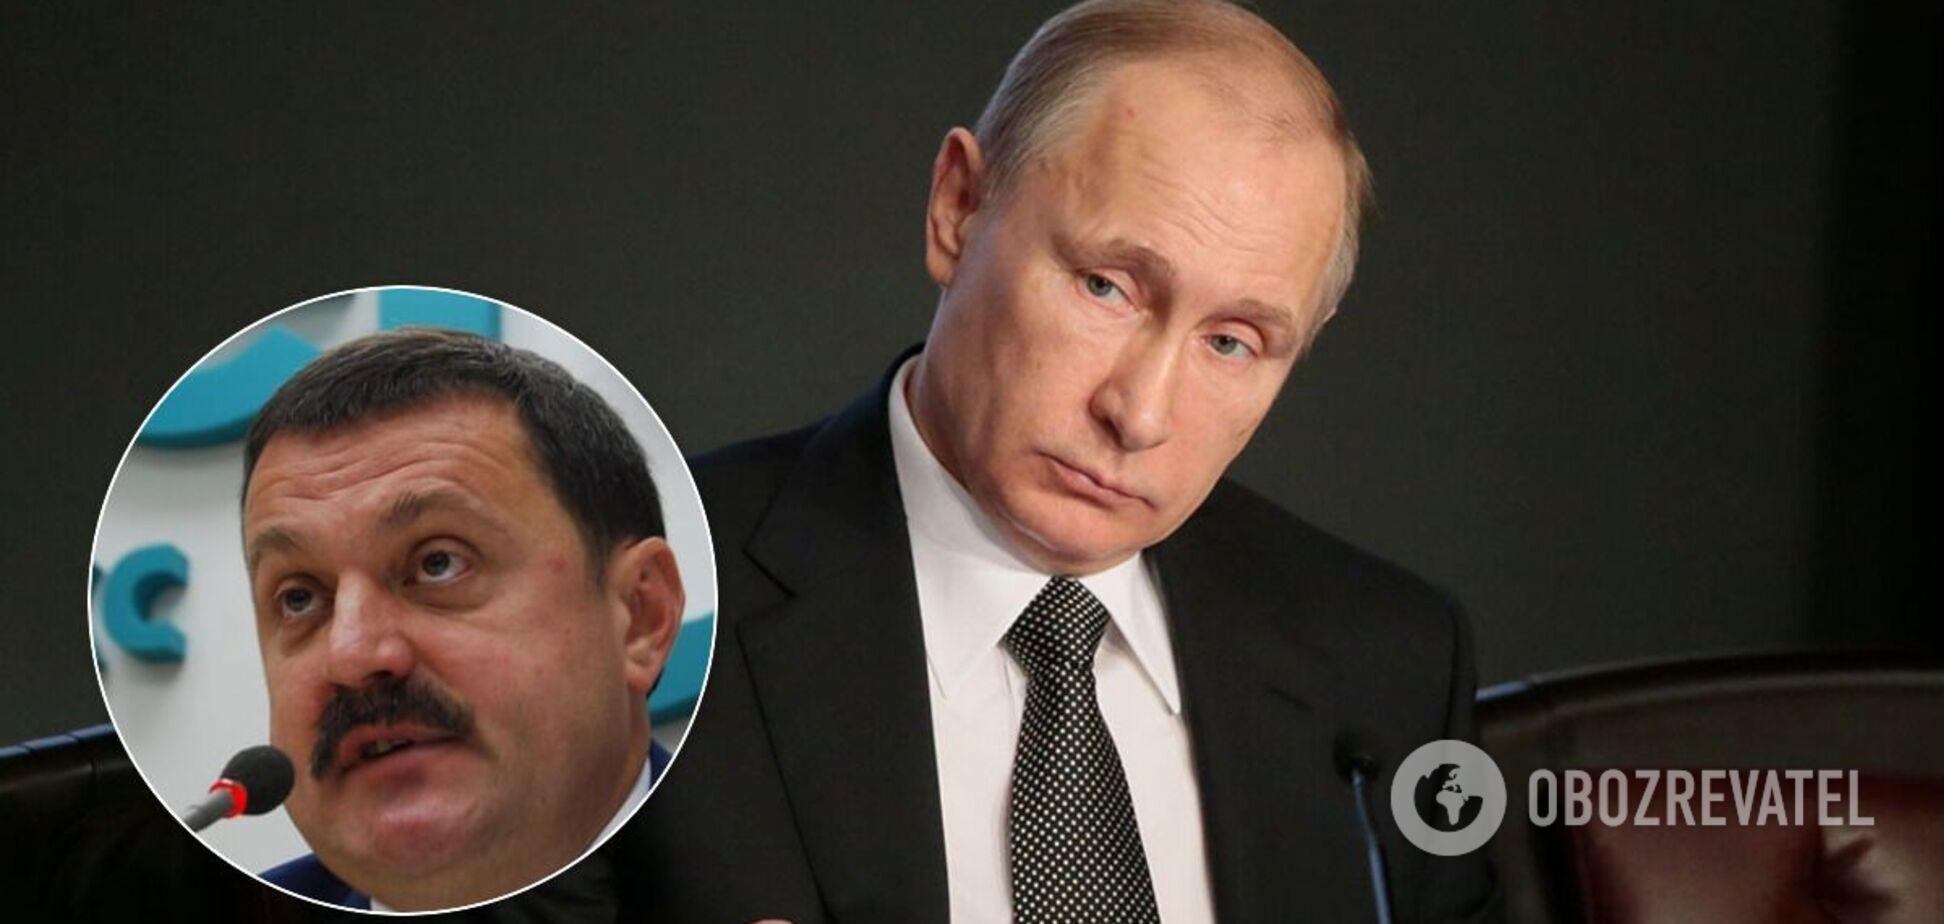 'Плівки Деркача' спрямовані проти Байдена, ними керує Путін – The Washington Post